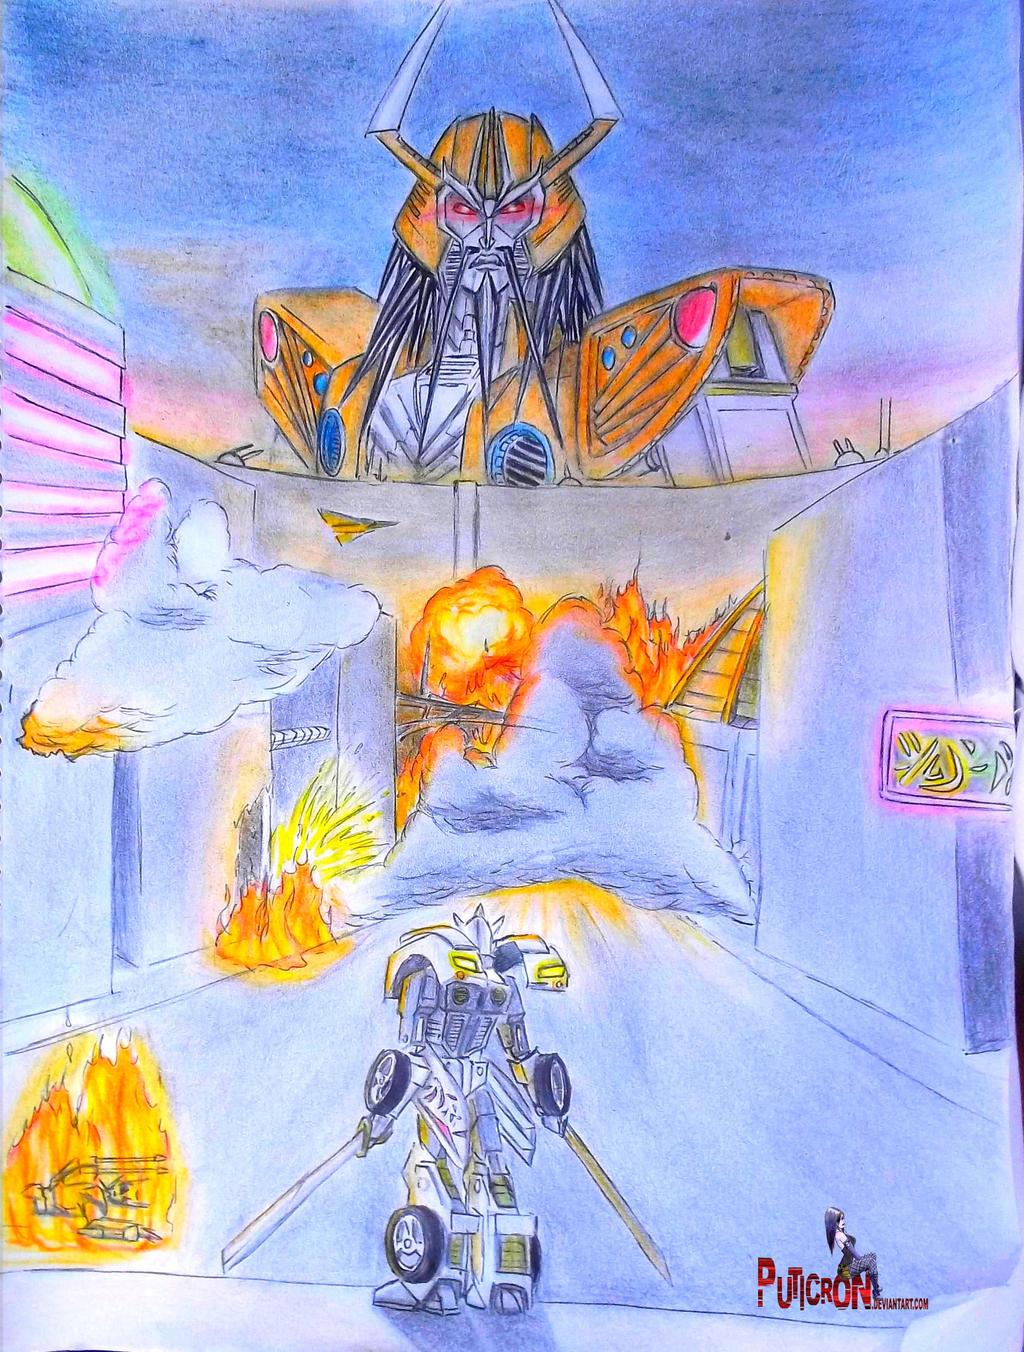 transformers : shingeky no kioroboto by puticron